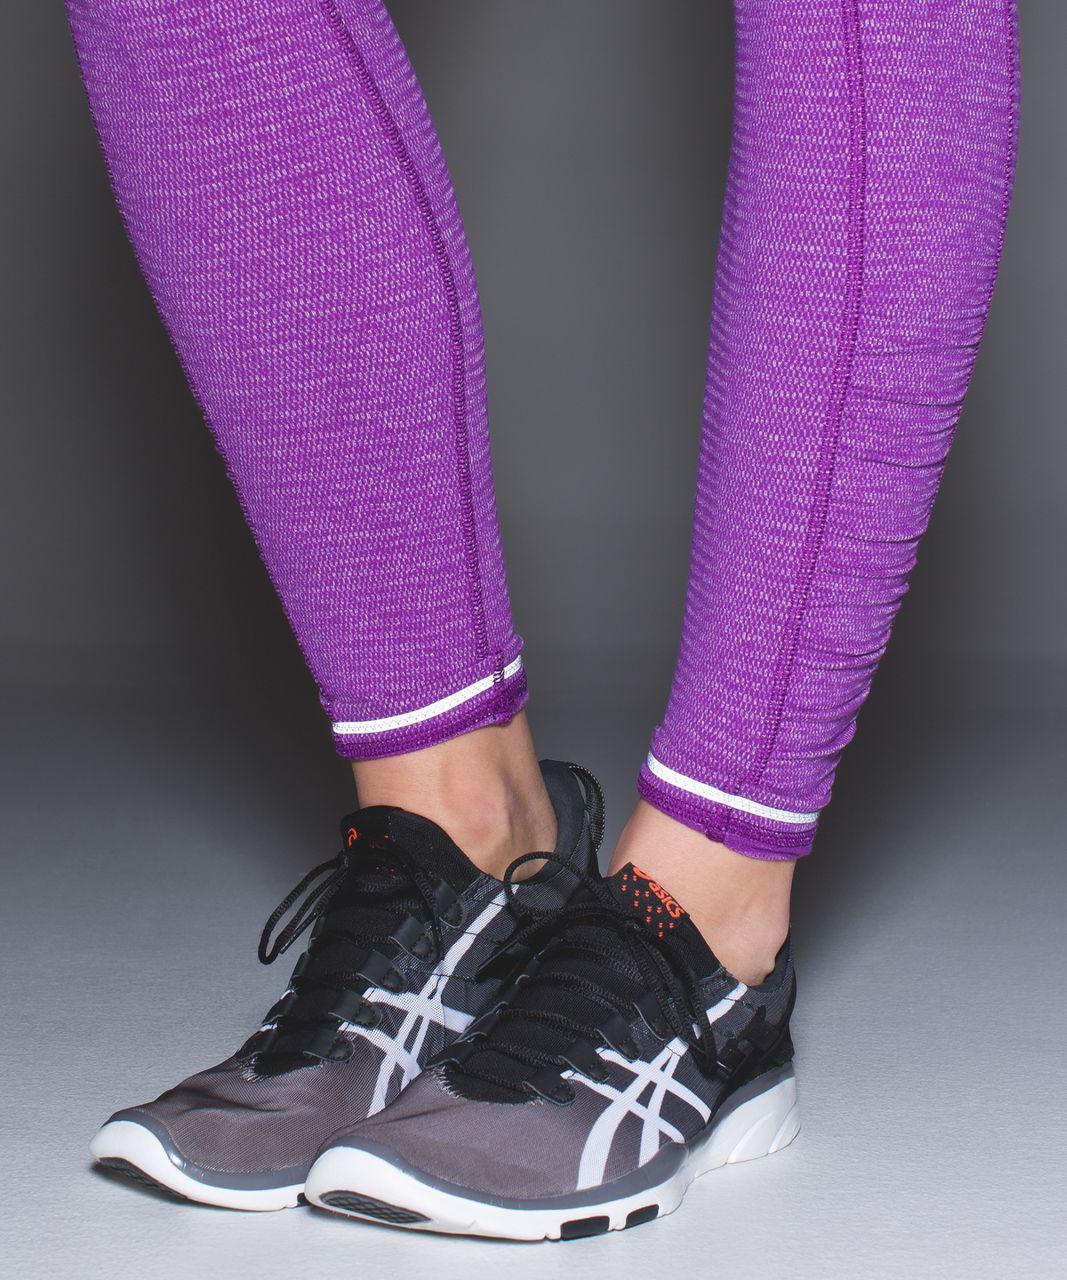 Lululemon Speed Tight IV *Rulu - Heathered Herringbone Heathered Tender Violet Black Grape